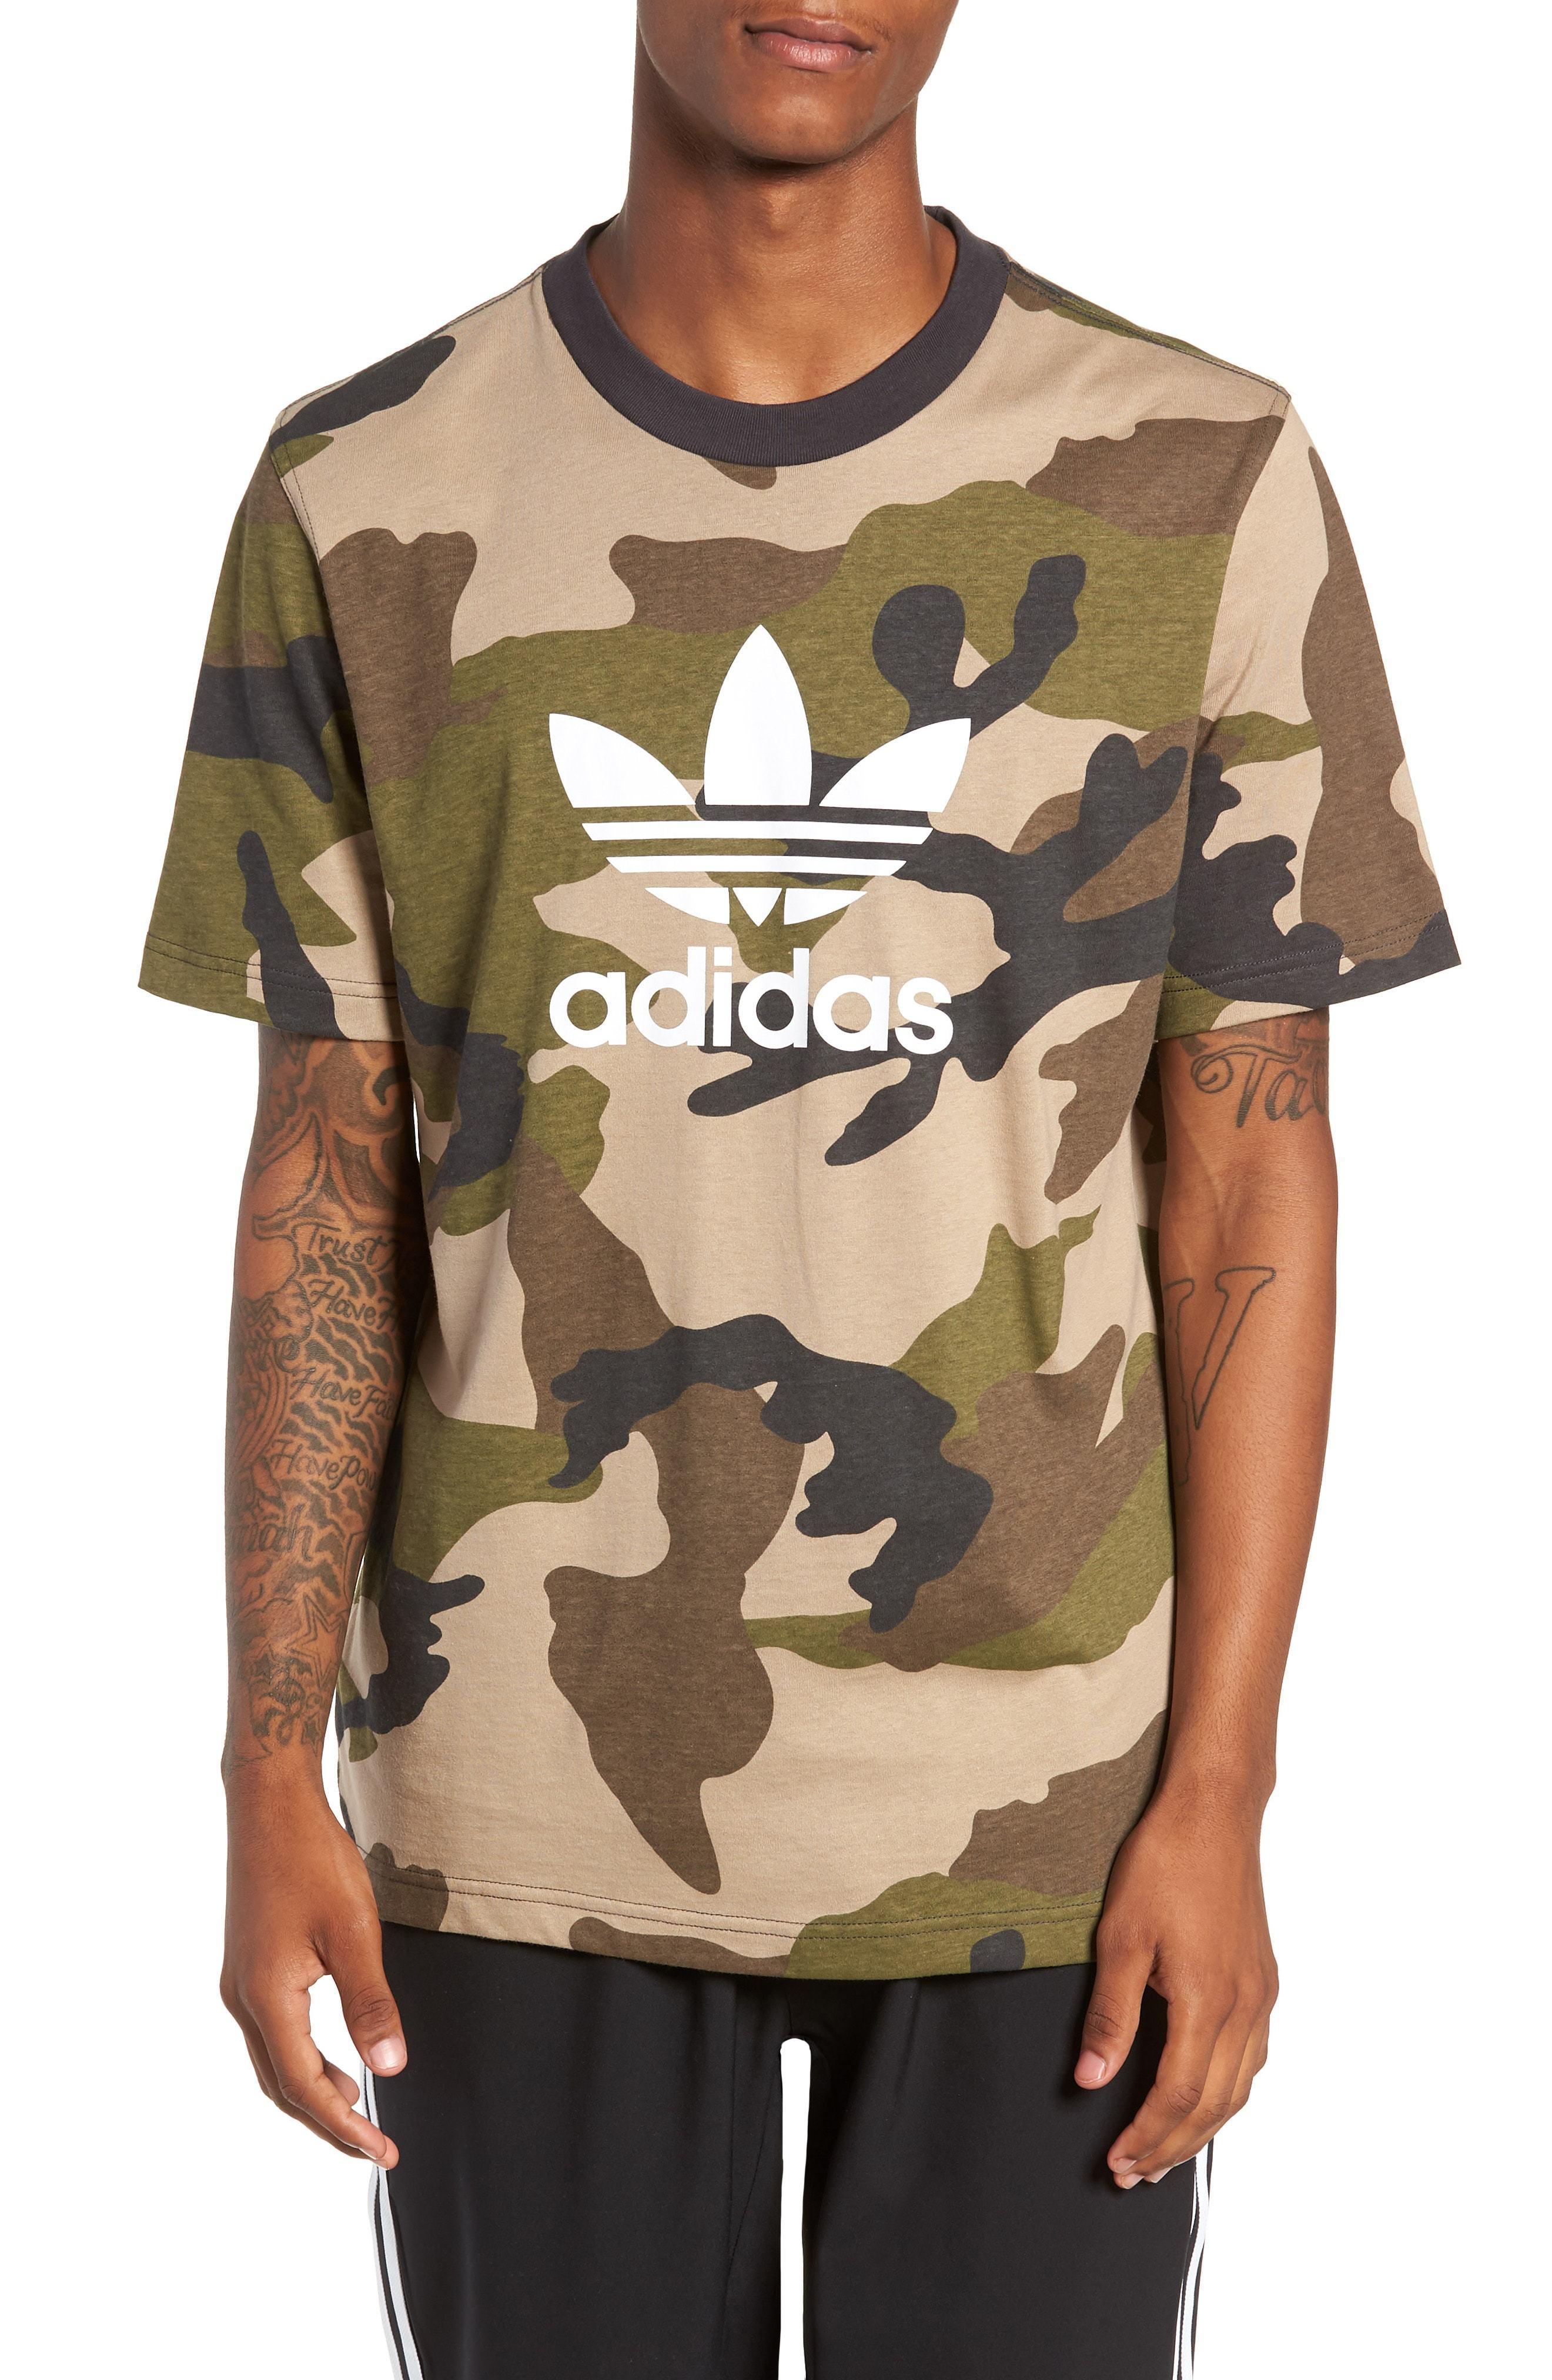 adidas shirt camouflage